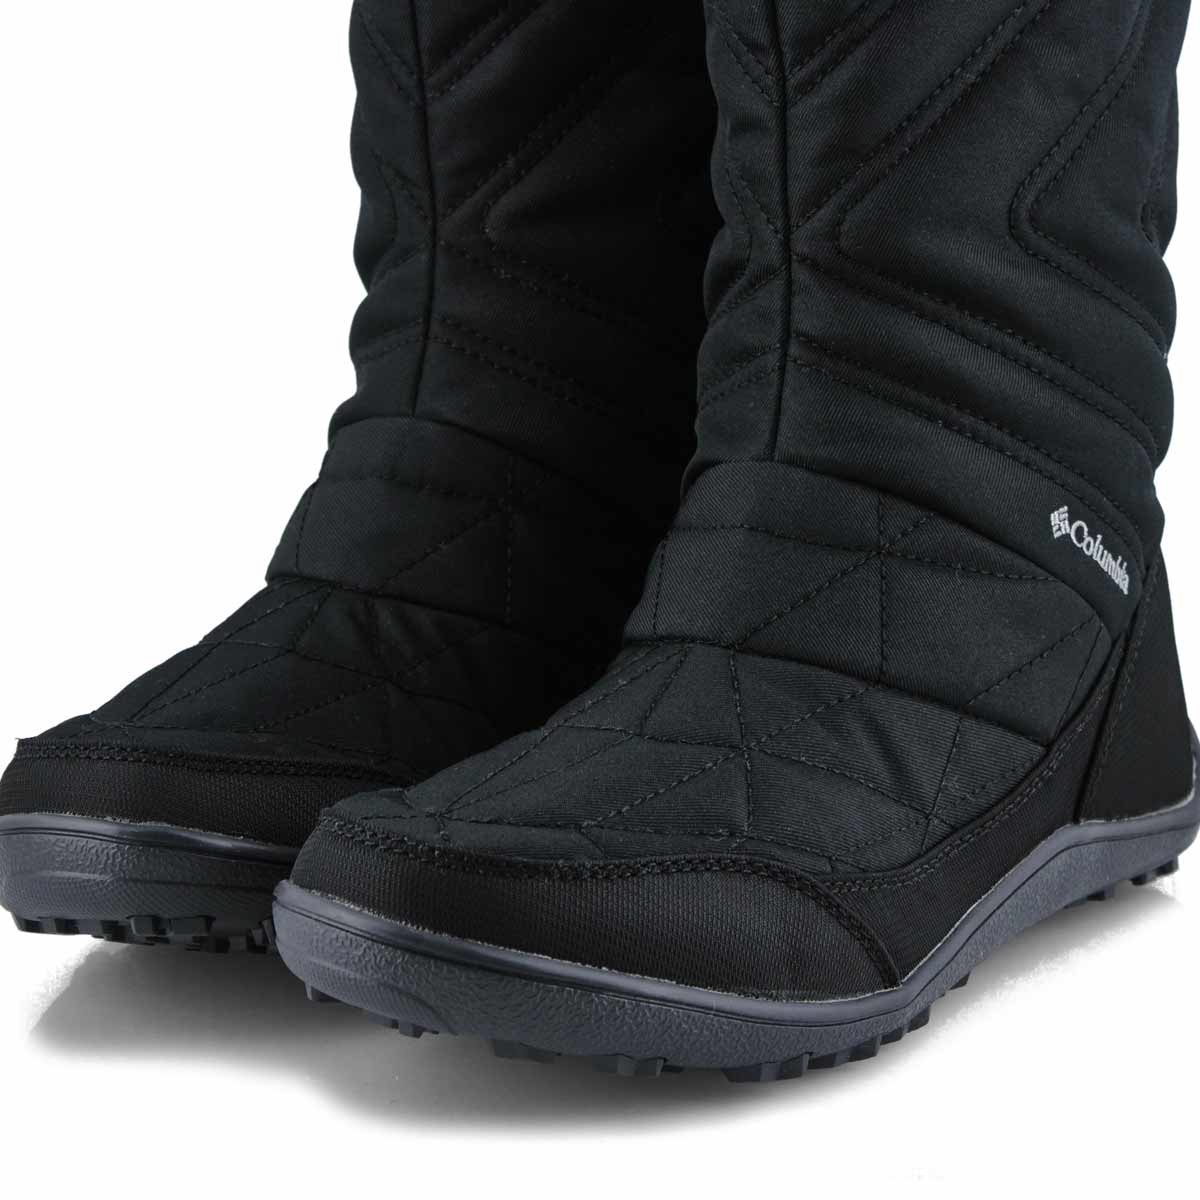 Women's Minx Slip III Waterproof Boot - Black